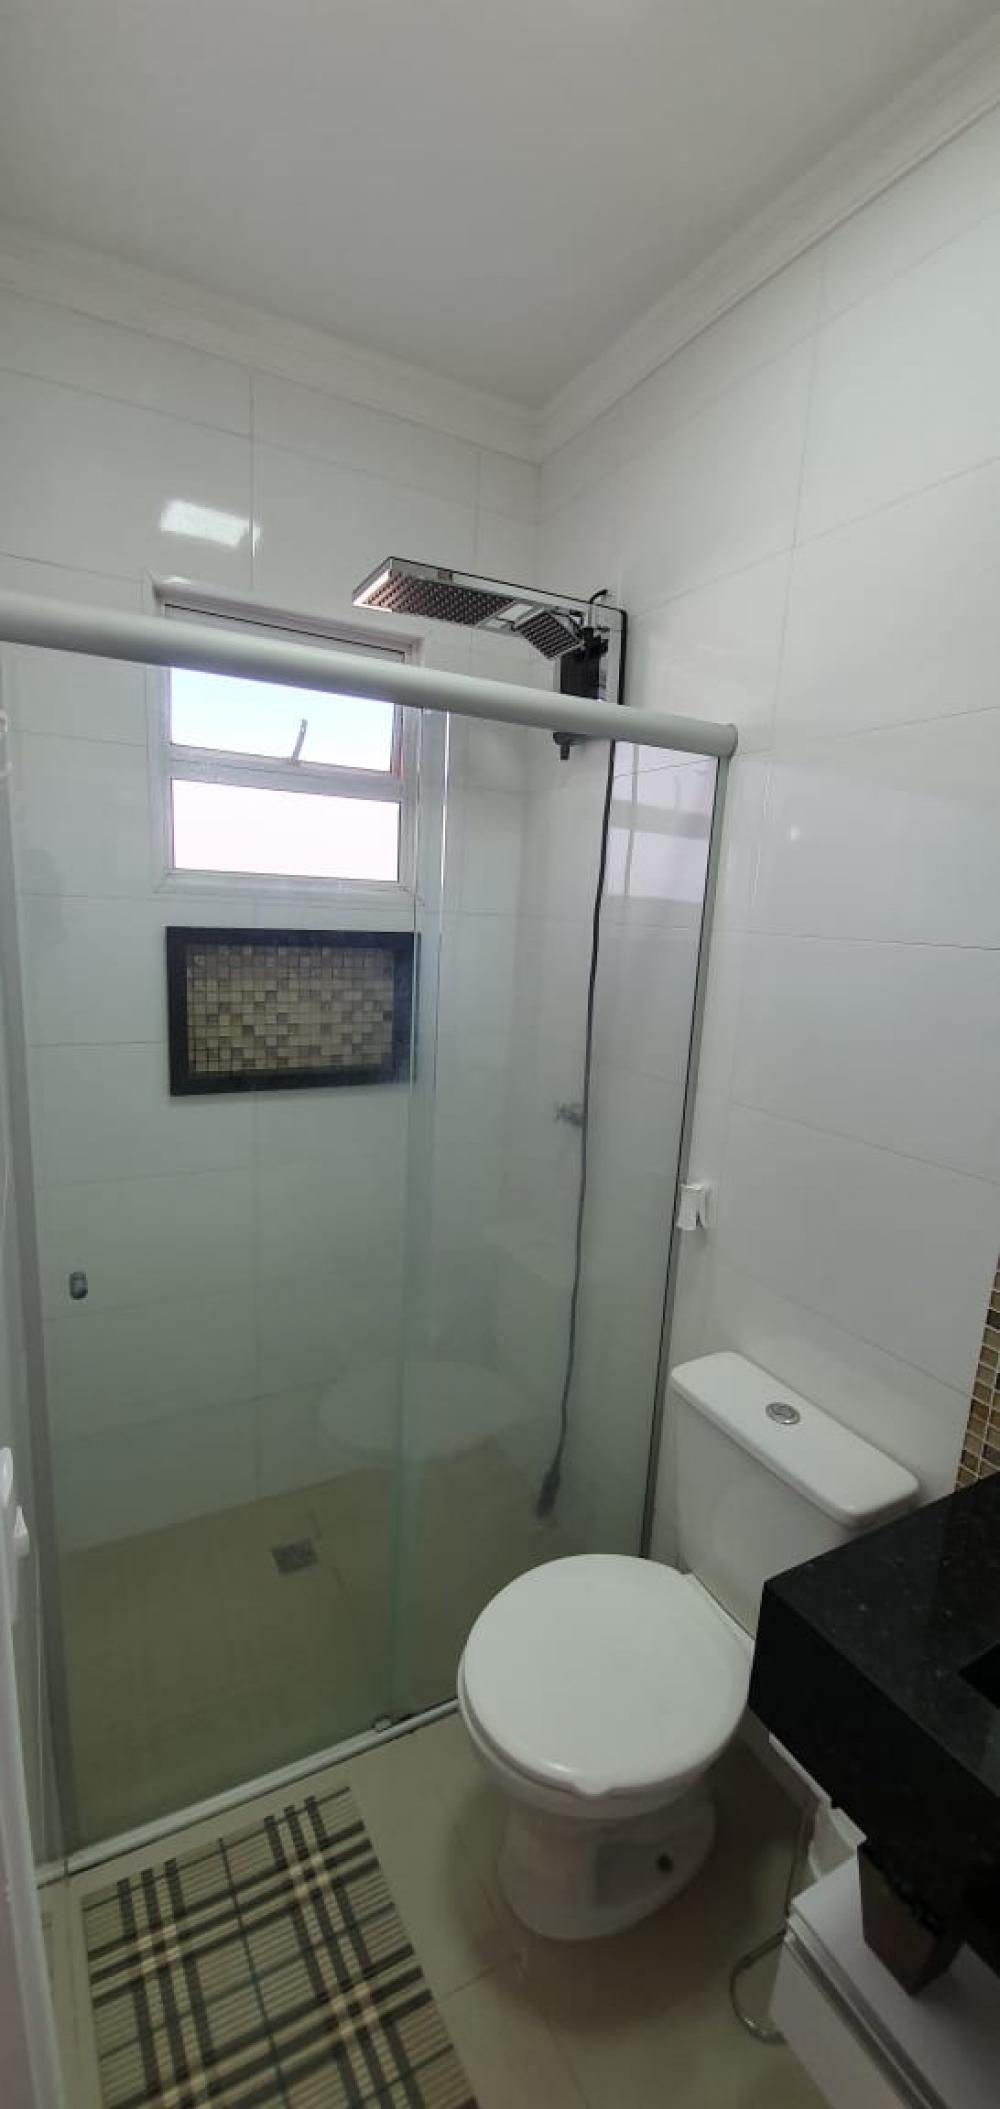 Comprar Casa / Condomínio em São José do Rio Preto apenas R$ 310.000,00 - Foto 4